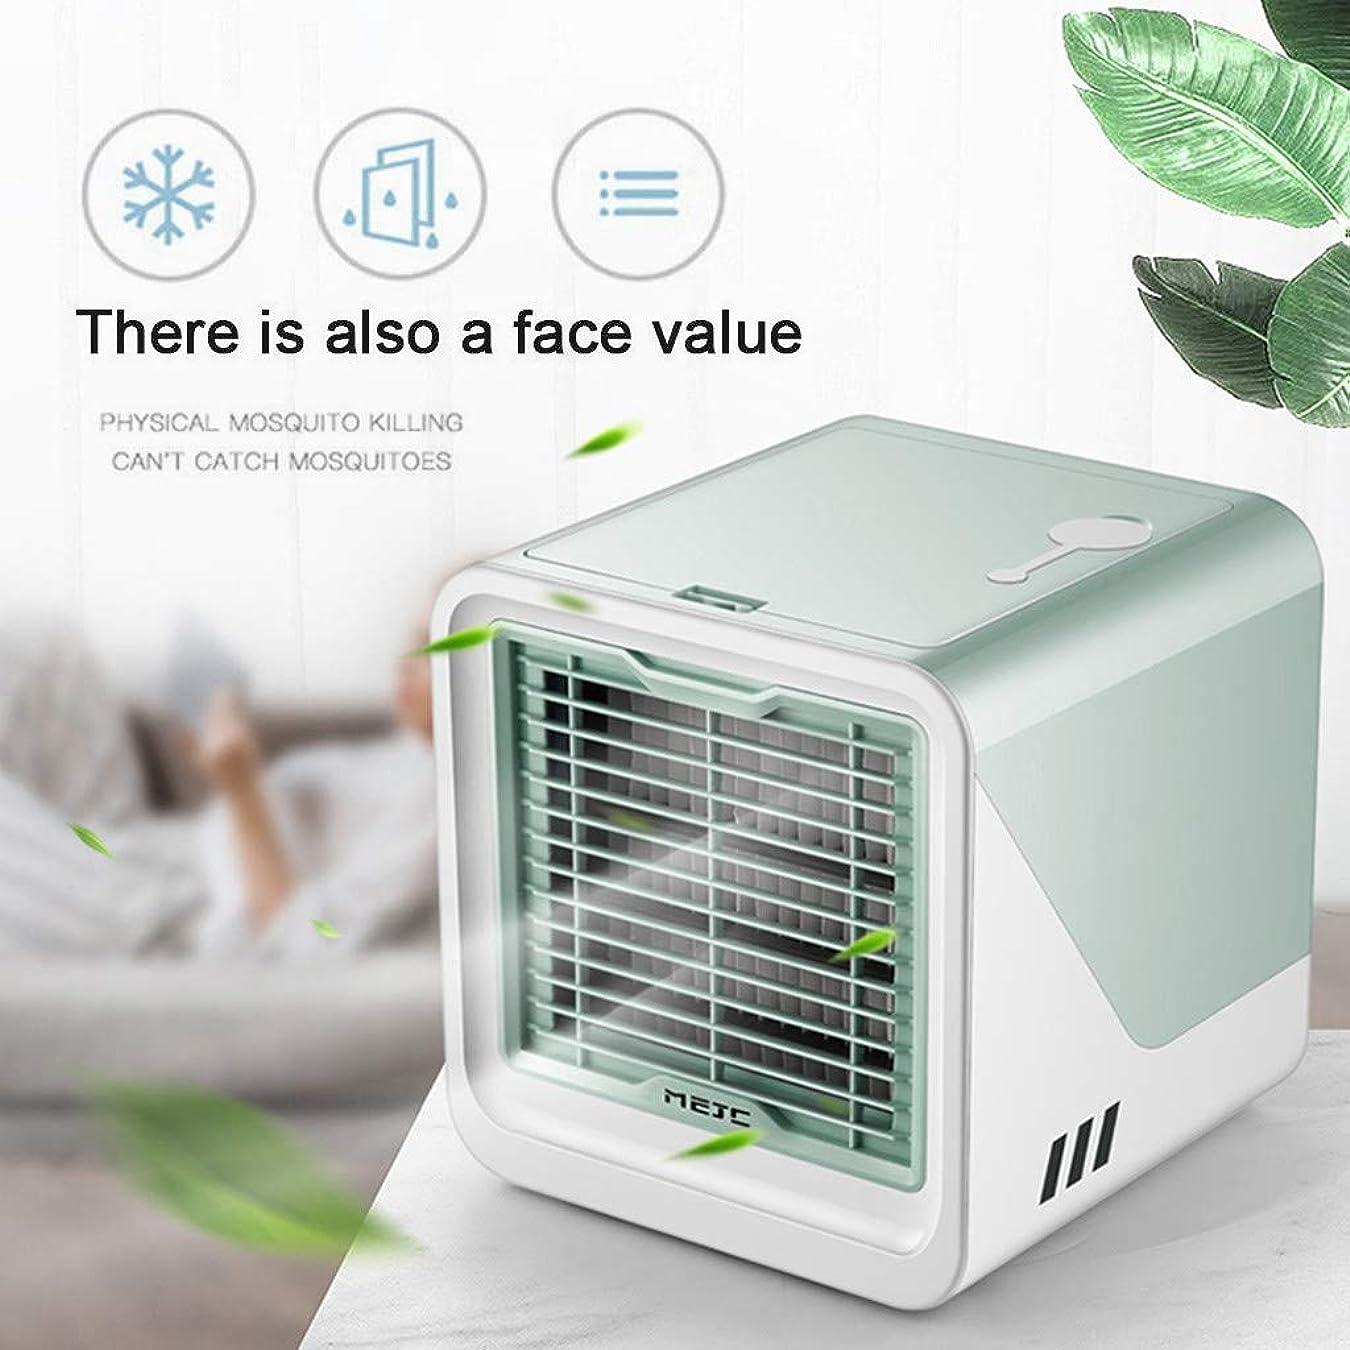 驚ポーズ遊びますオフィス用ホームエアコンファン、ポータブルミニUSBデスクトップテーブル冷却ファン超静かウォーターキューブ蒸発クーラー、3ファンスピード、多色ナイトライト(グリーン) (Color : Green)